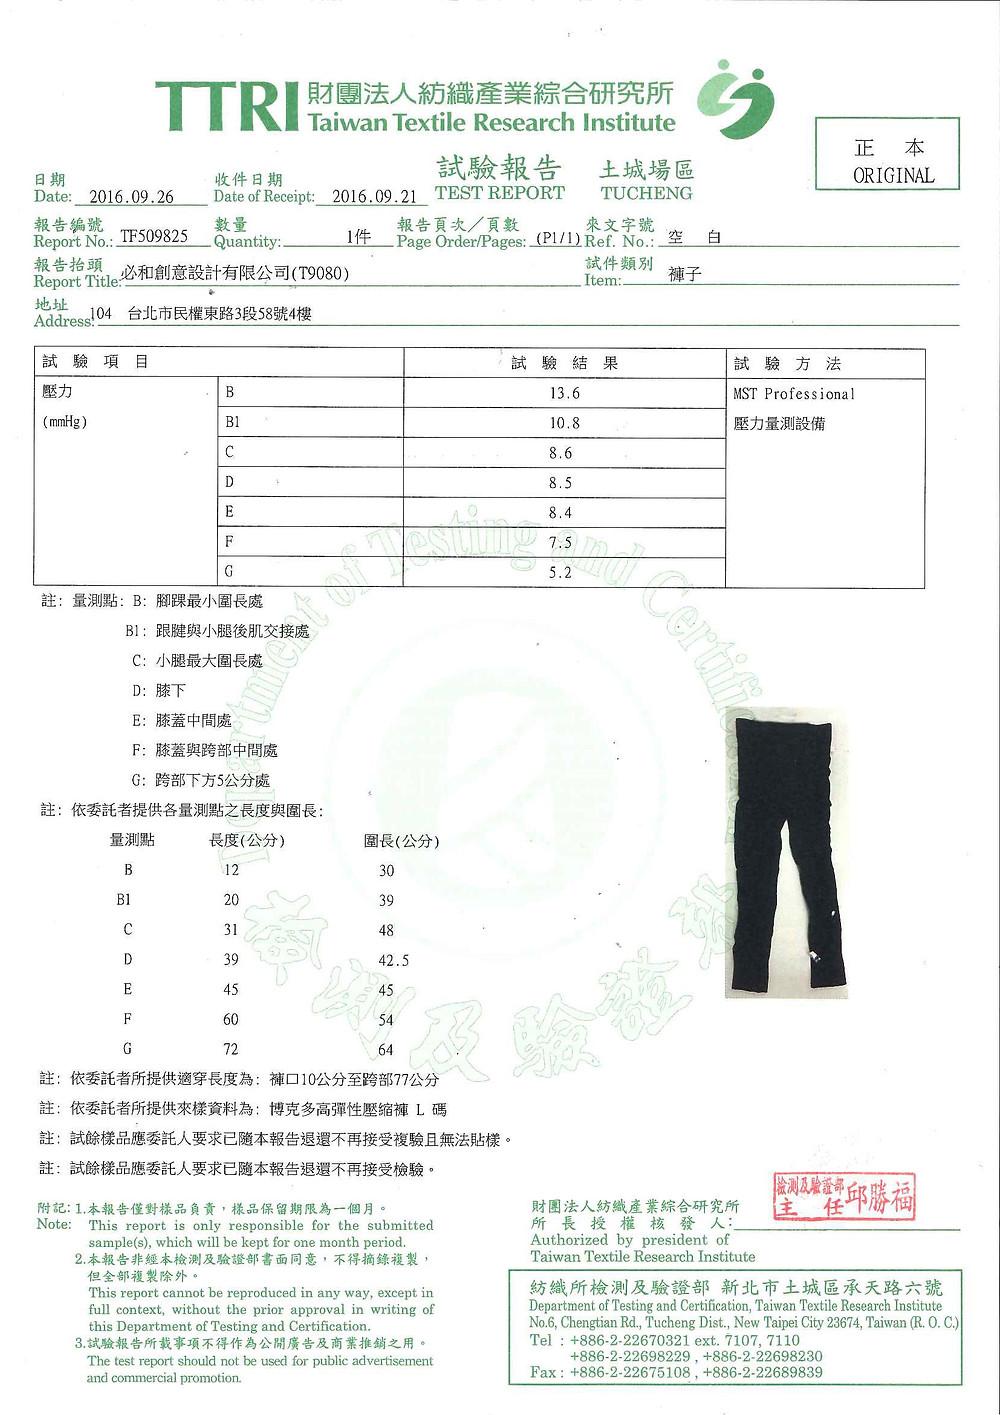 由下往上逐漸遞減壓力,身體循環機制良好,易於恢復原有身體運動效能。且必須要有不同的專業運動壓力的測試與驗證(by TTRI) 。分段壓力,有效減輕運動不適。U.CR+壓力褲是一種由伸縮性素材構成之下肢部分段式壓力褲,主要係於褲子之內側加設一肌理輔助型壓力保護衣料,束縛程度係由下往上遞減。,對人體下肢部各部位之肌肉、筋膜及骨骼自然產生保護作用,其特徵在於:以複數個束縛帶所形成之壓力保護衣料,來固定下肢部骨骼之相對位置,避免下肢造成運動傷害,亦有抑制或減輕穿著時的運動不適。(專利號M456100)